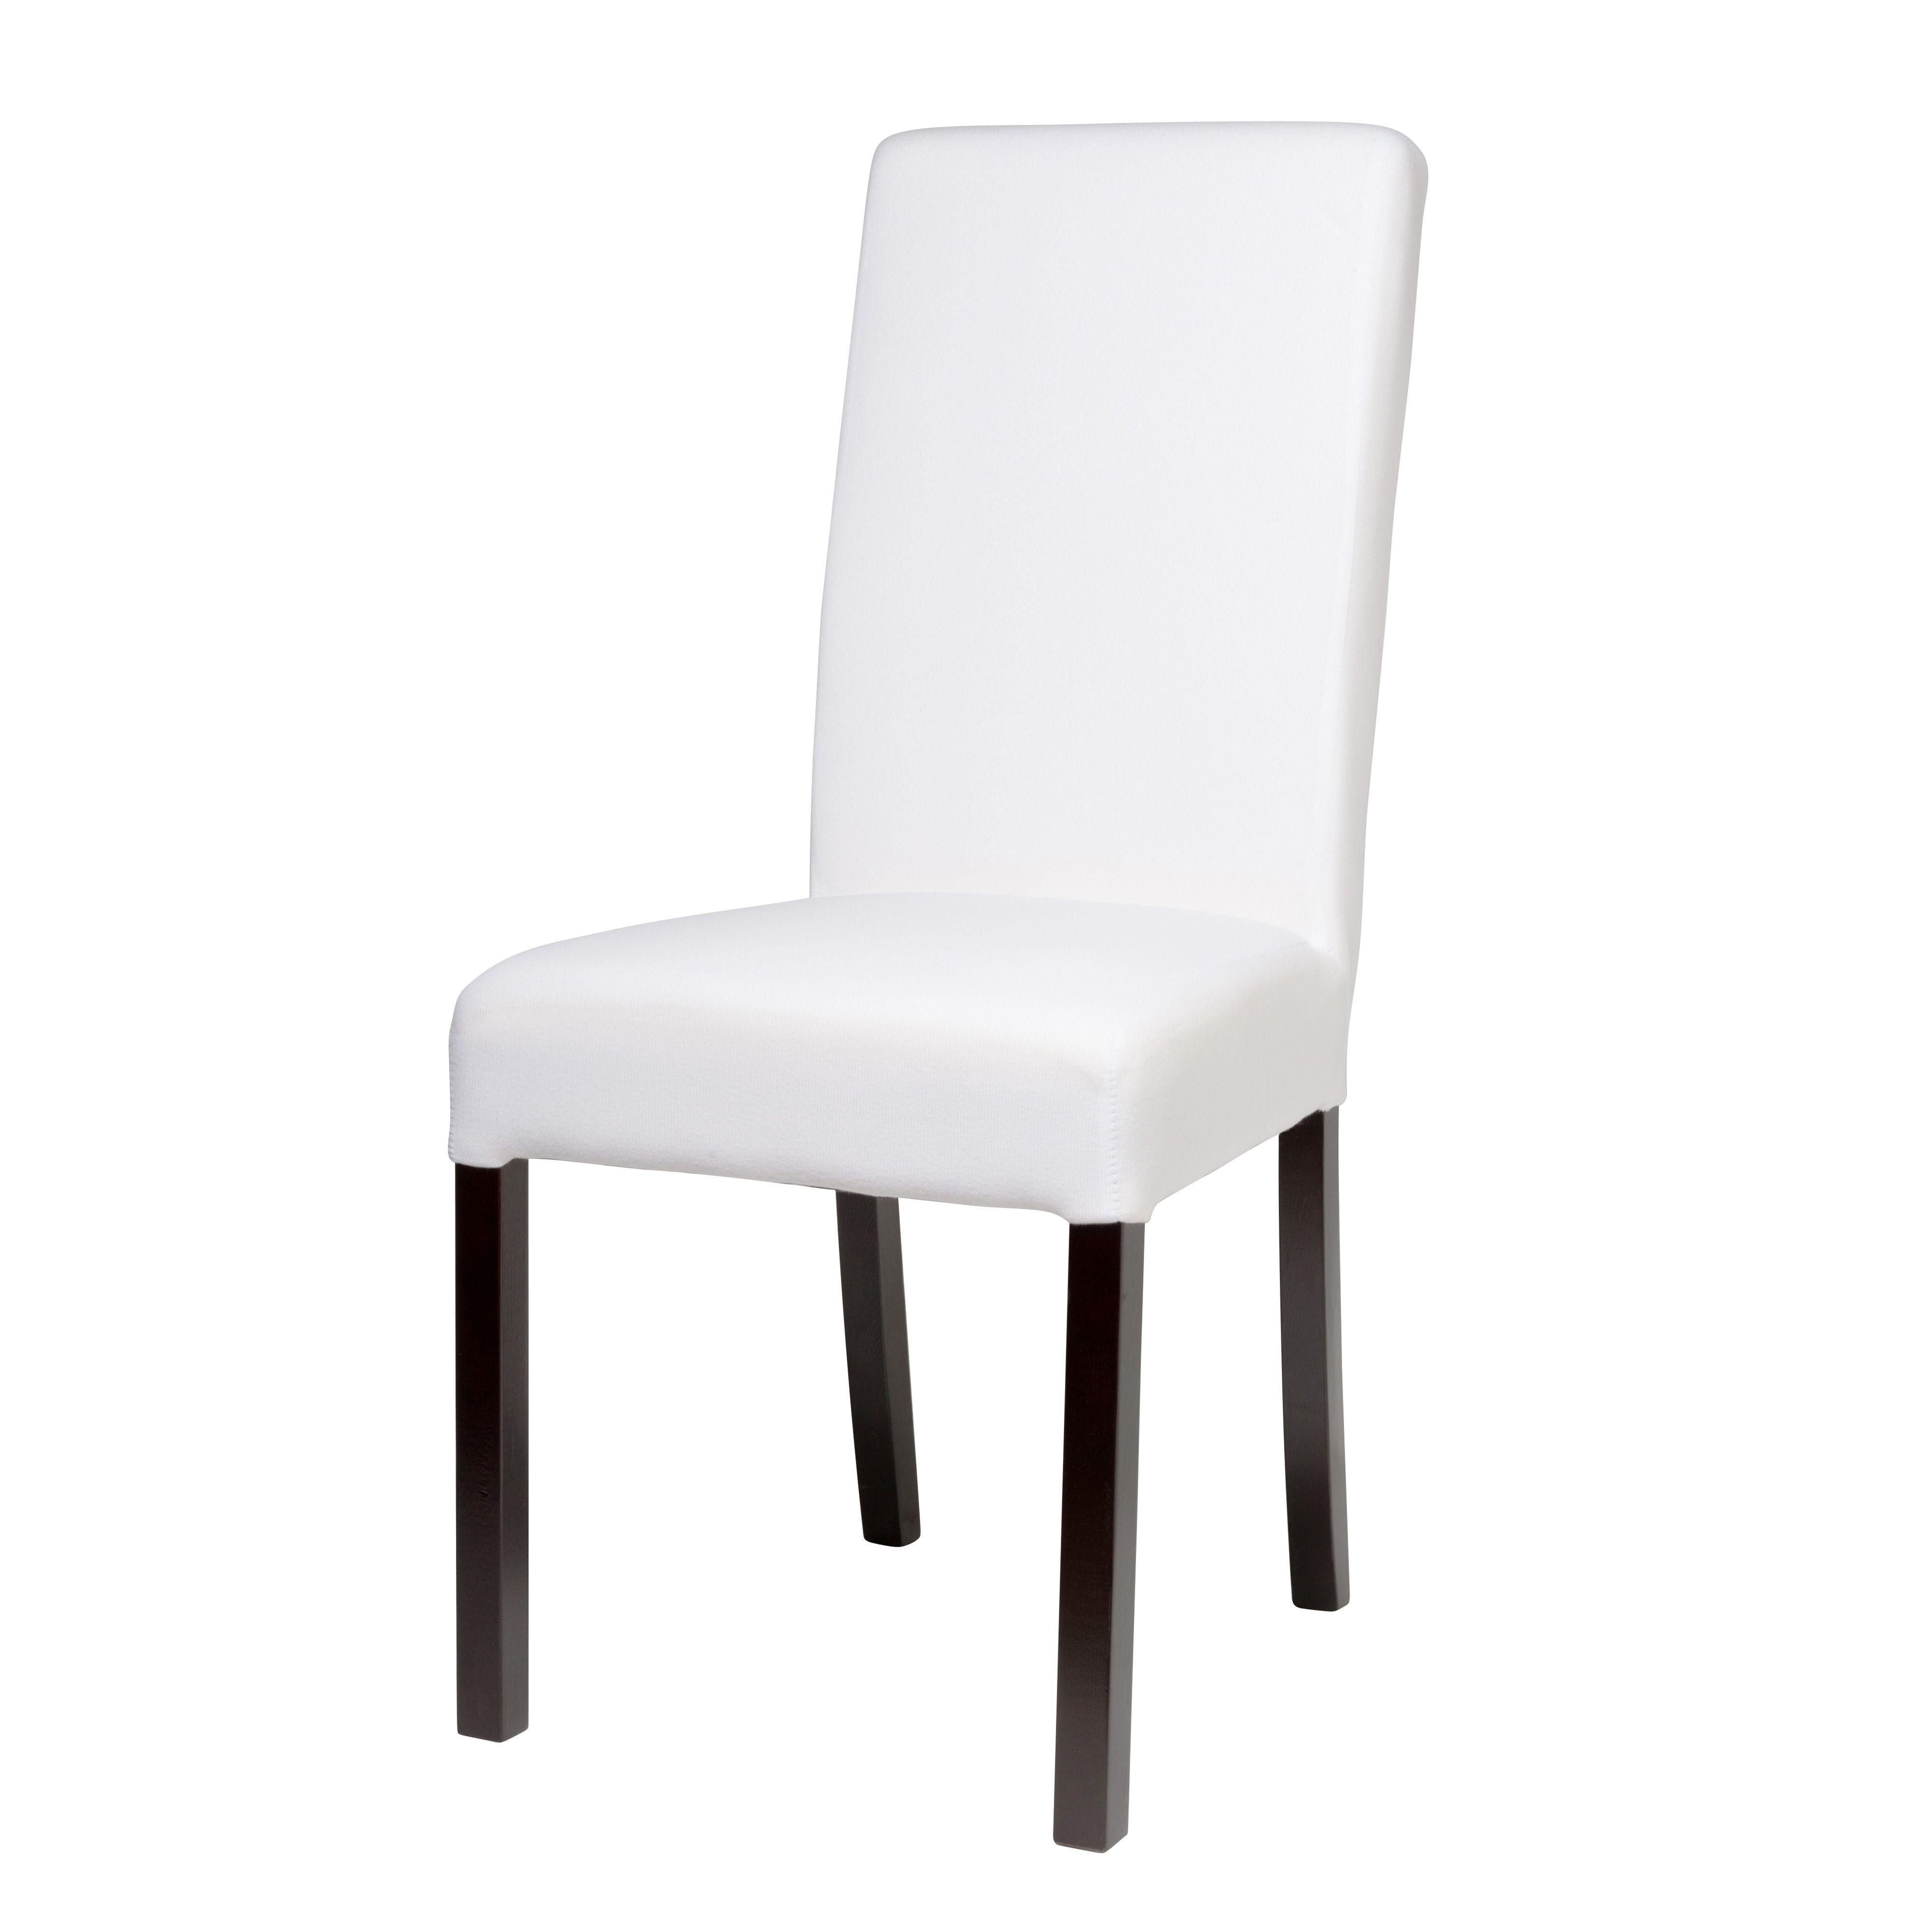 Chaise en tissu et bois blanche Margaux | Mobilier | Pinterest